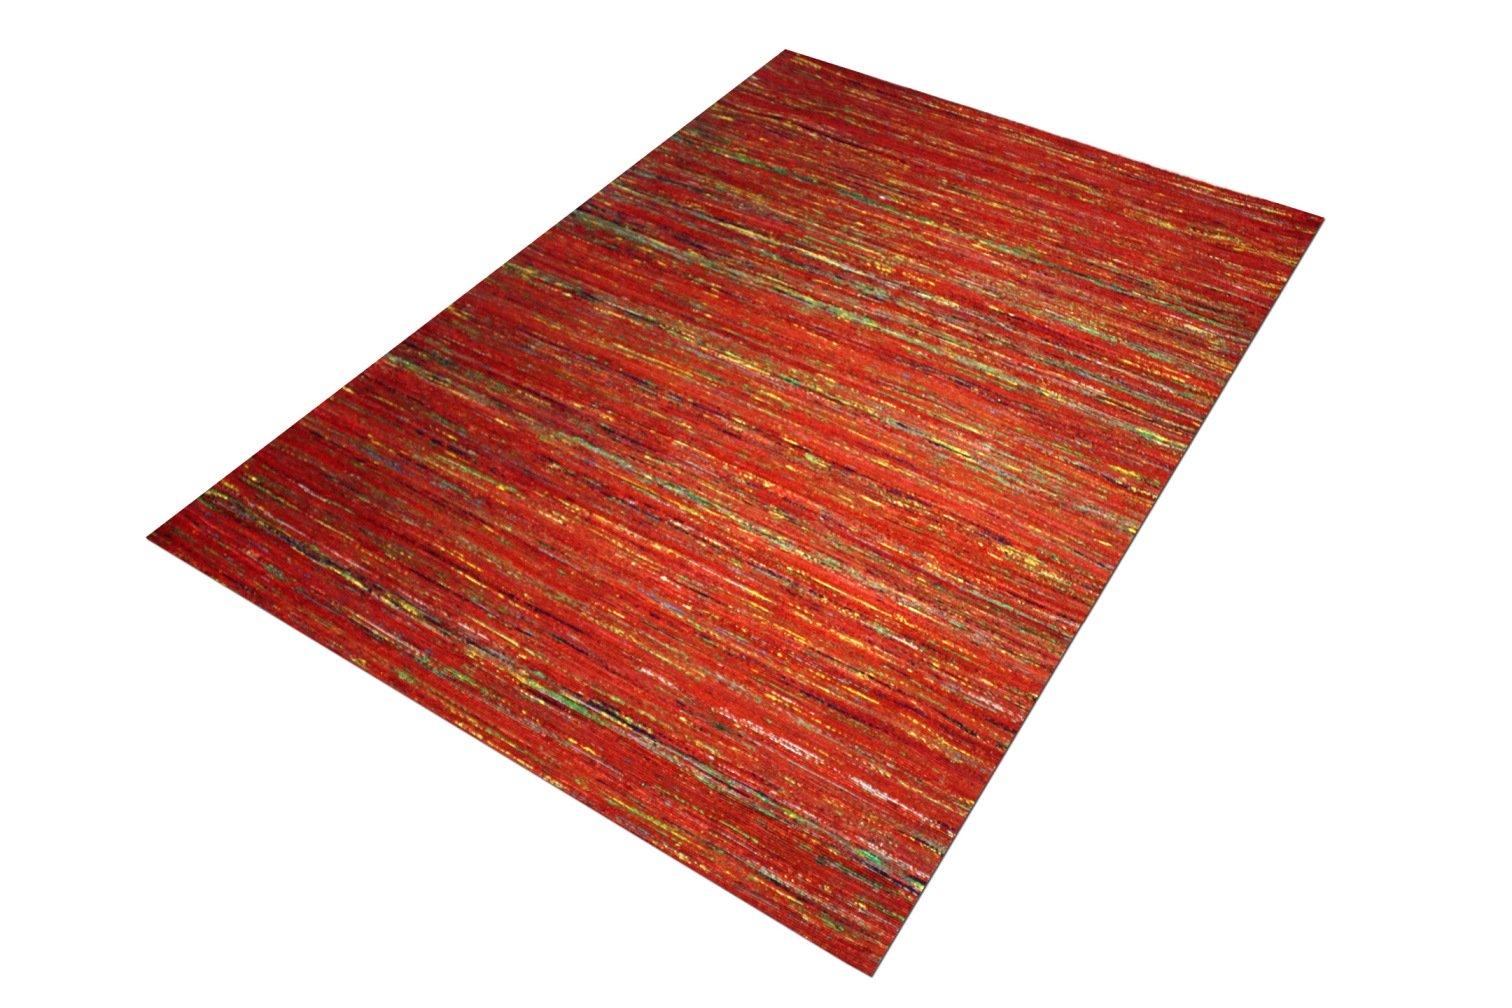 Chocho Red Flatweave Rug